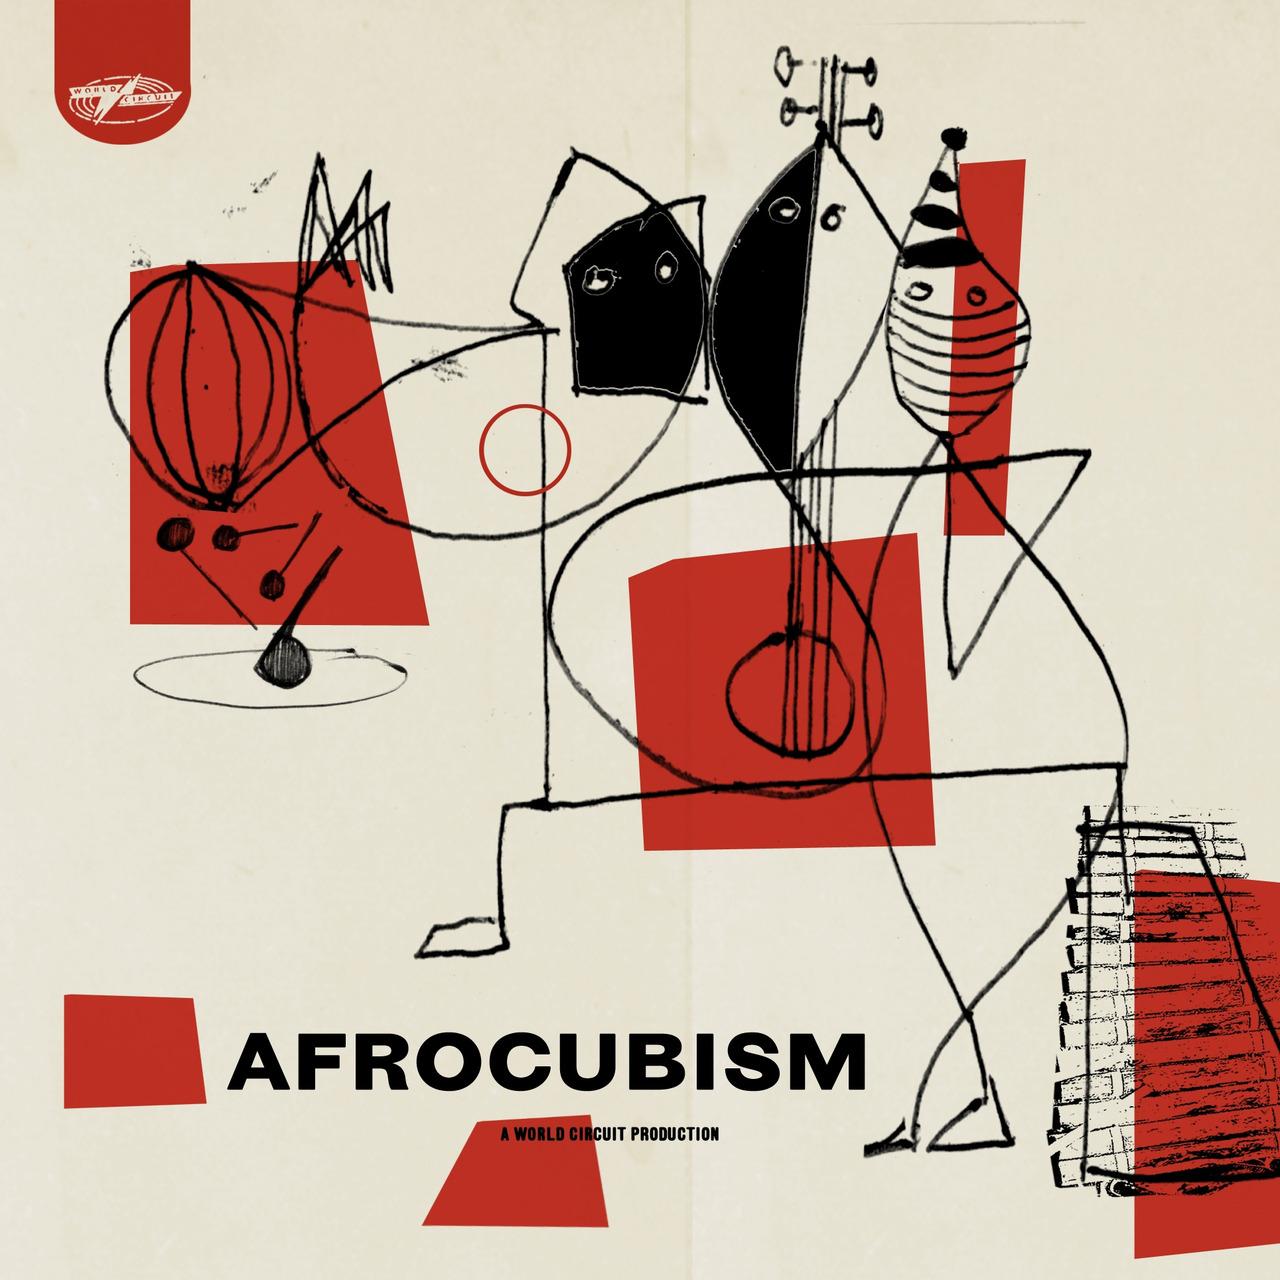 manufactoriel: AfroCubism